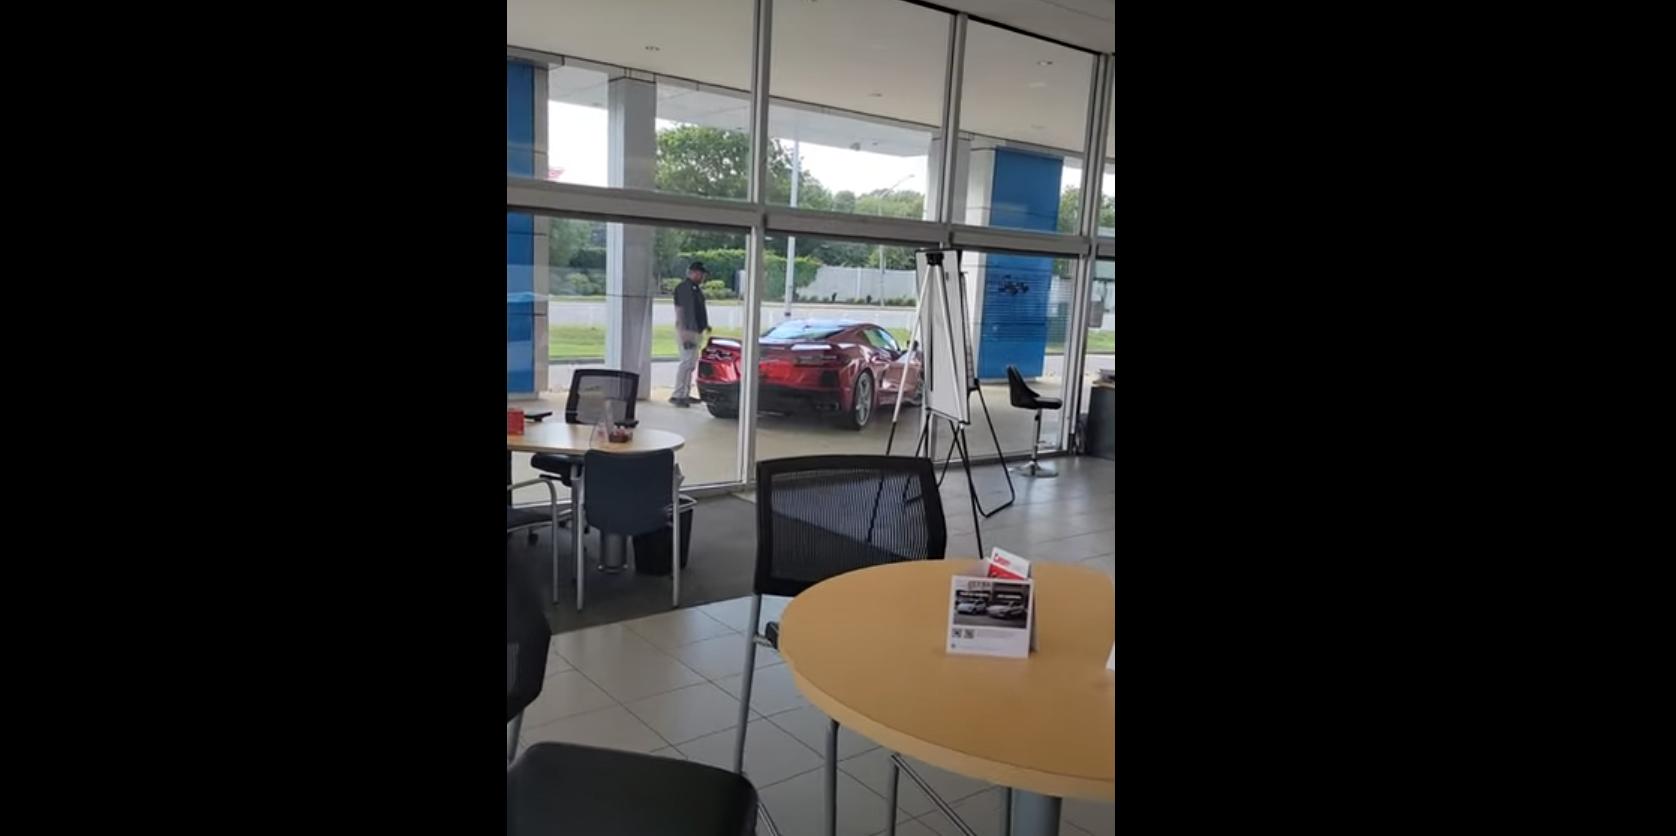 Украл скапоцен спортски автомобил пред очите на продавачот / ВИДЕО